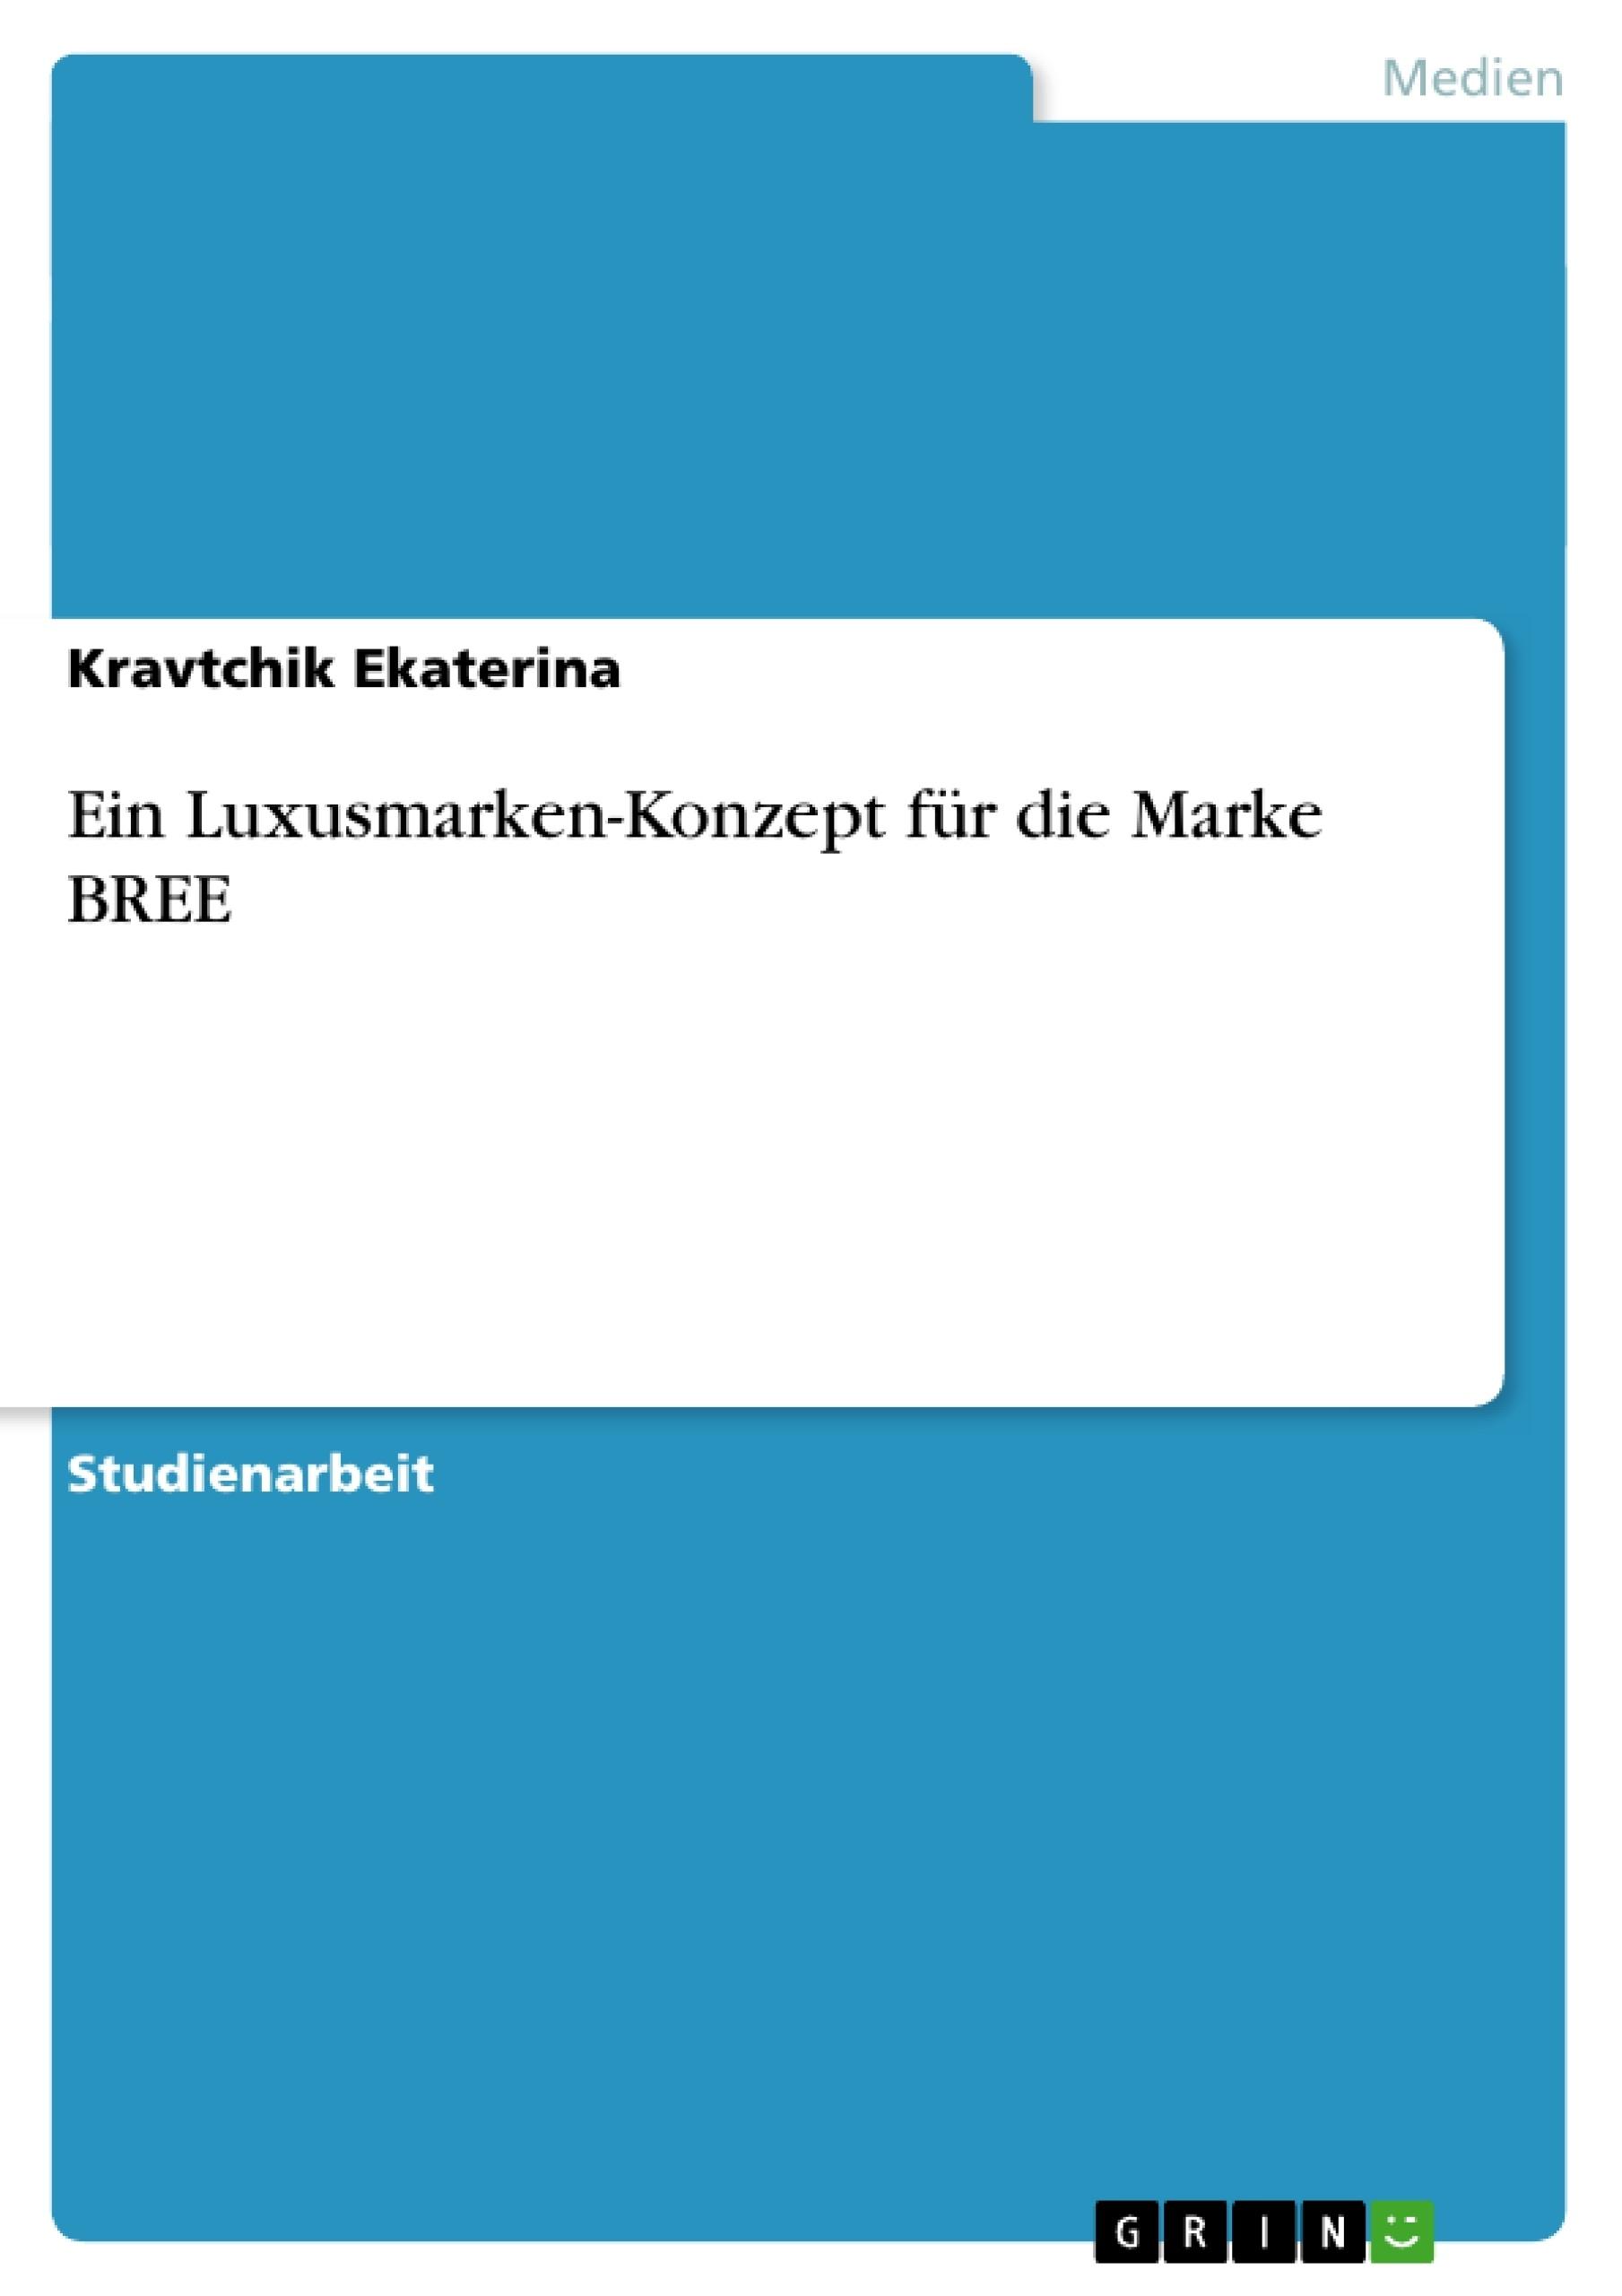 Titel: Ein Luxusmarken-Konzept für die Marke BREE